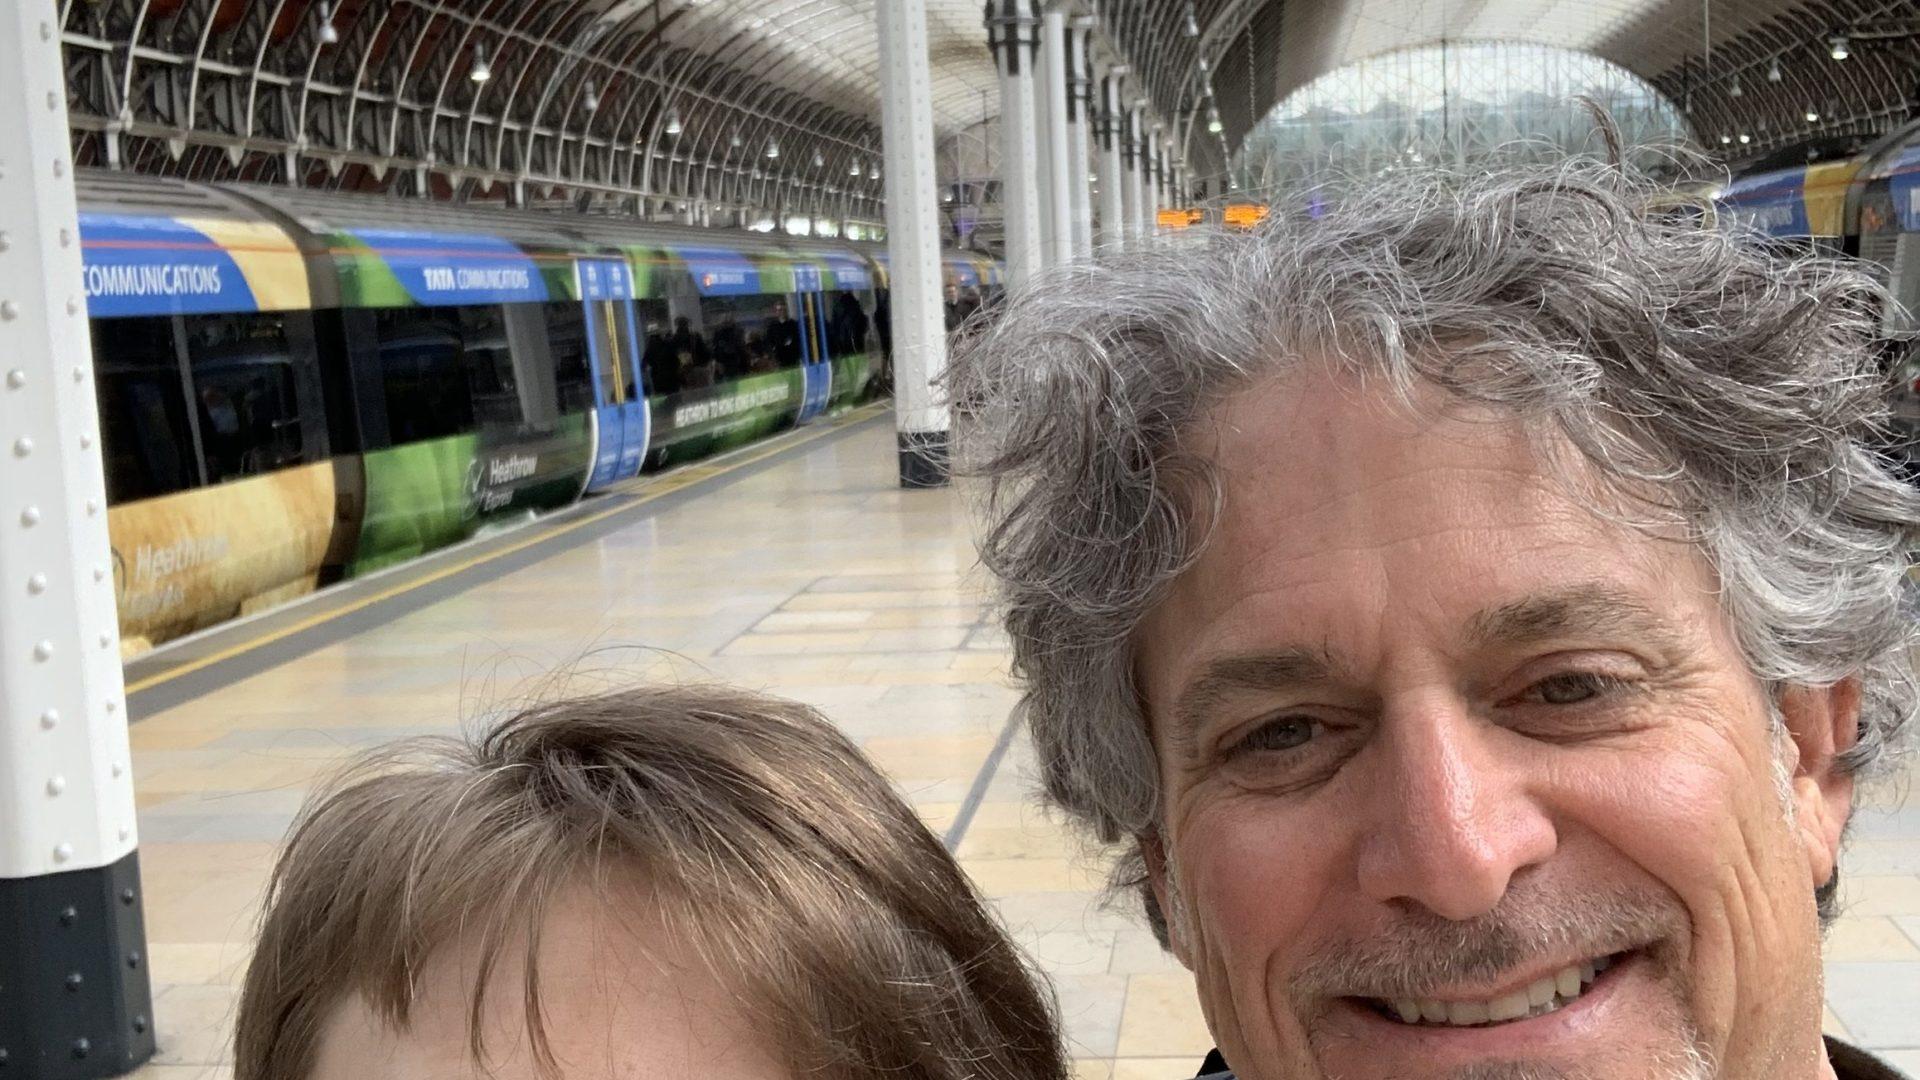 Liza & Ben's Travels